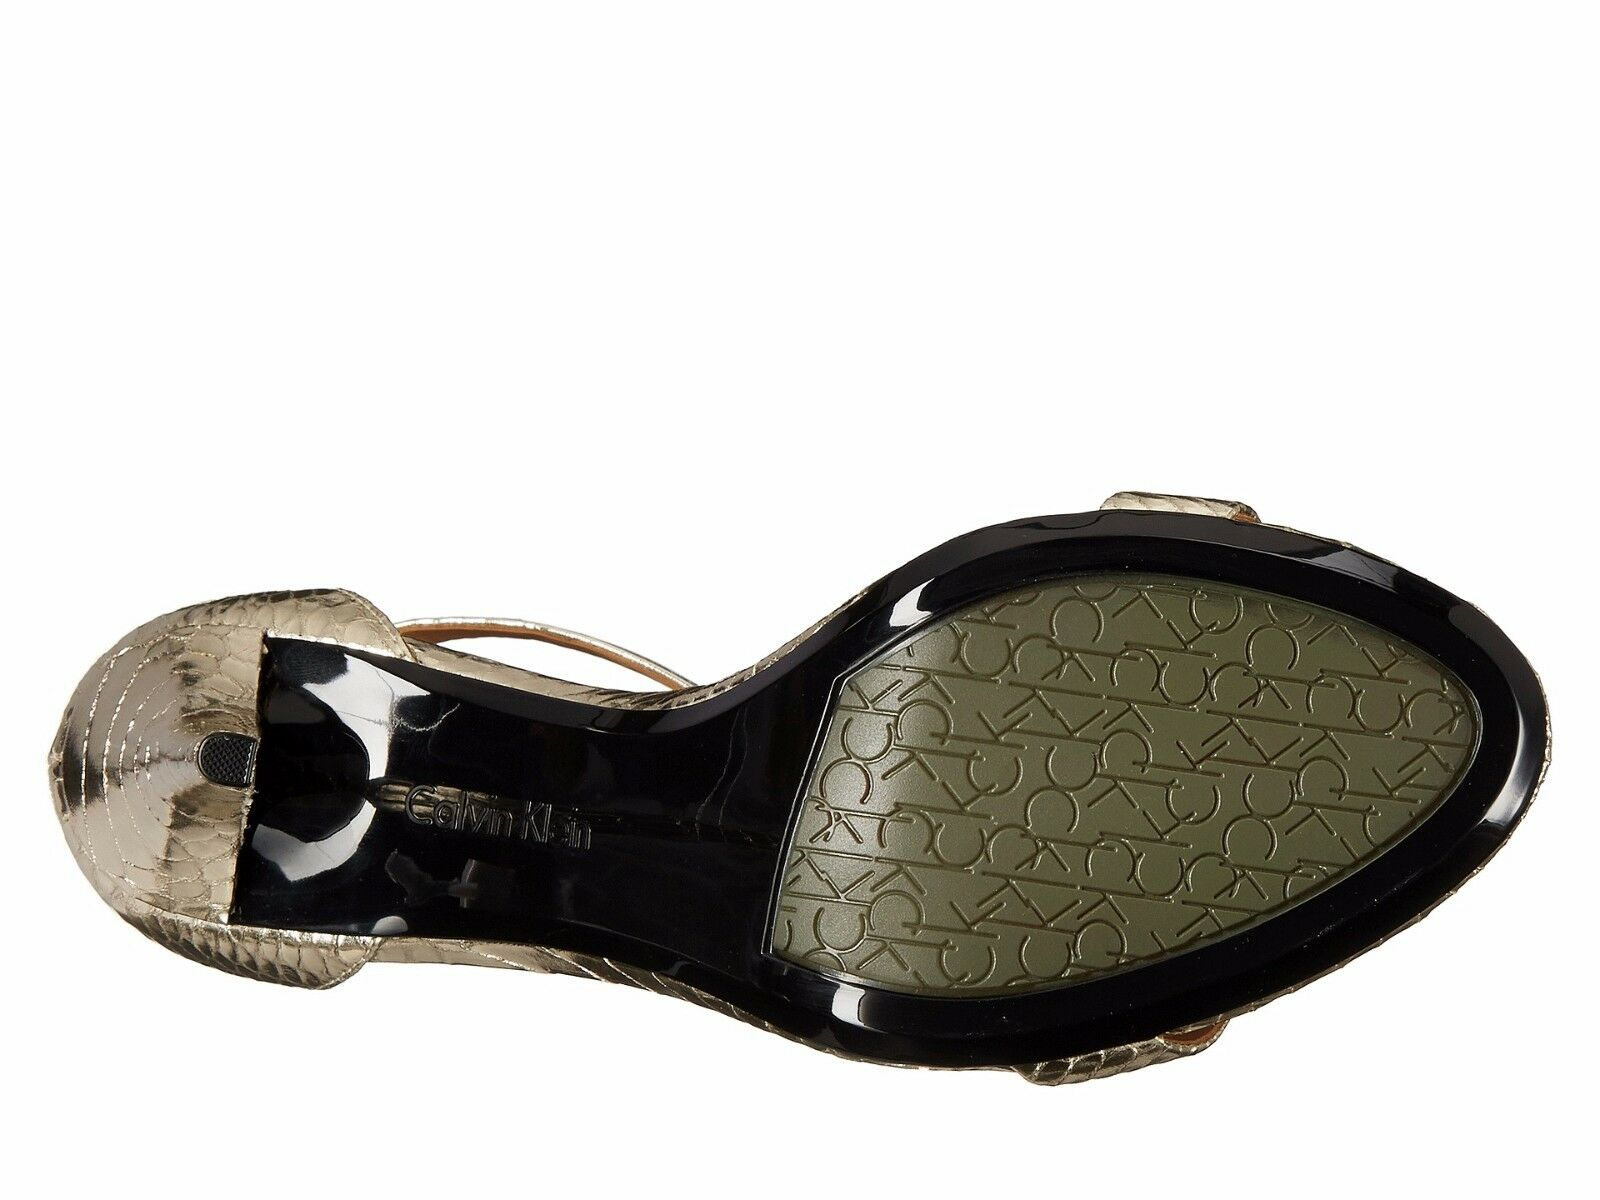 CALVIN KLEIN KLEIN CALVIN Nasi Metal Snake Platino Leder 8.5 Open-toe T-Strap Stiletto New 6266b1